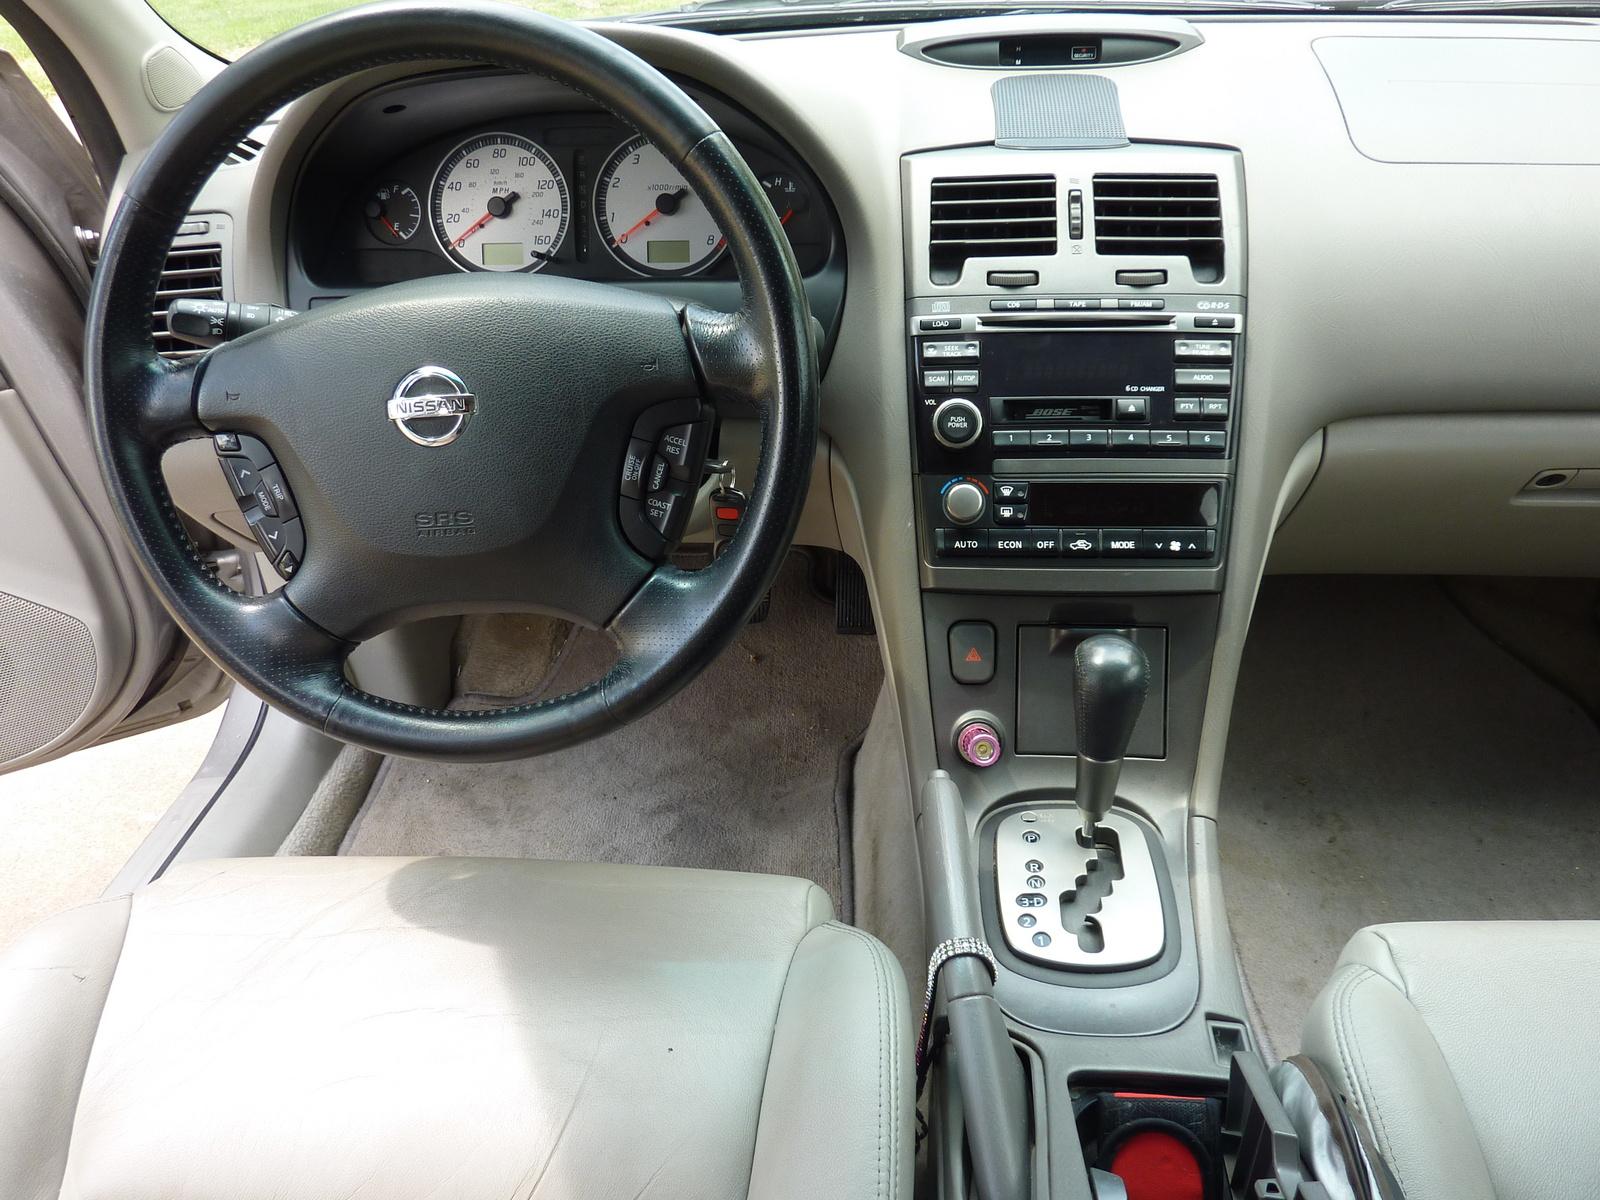 2002 Nissan Maxima Interior Pictures Cargurus